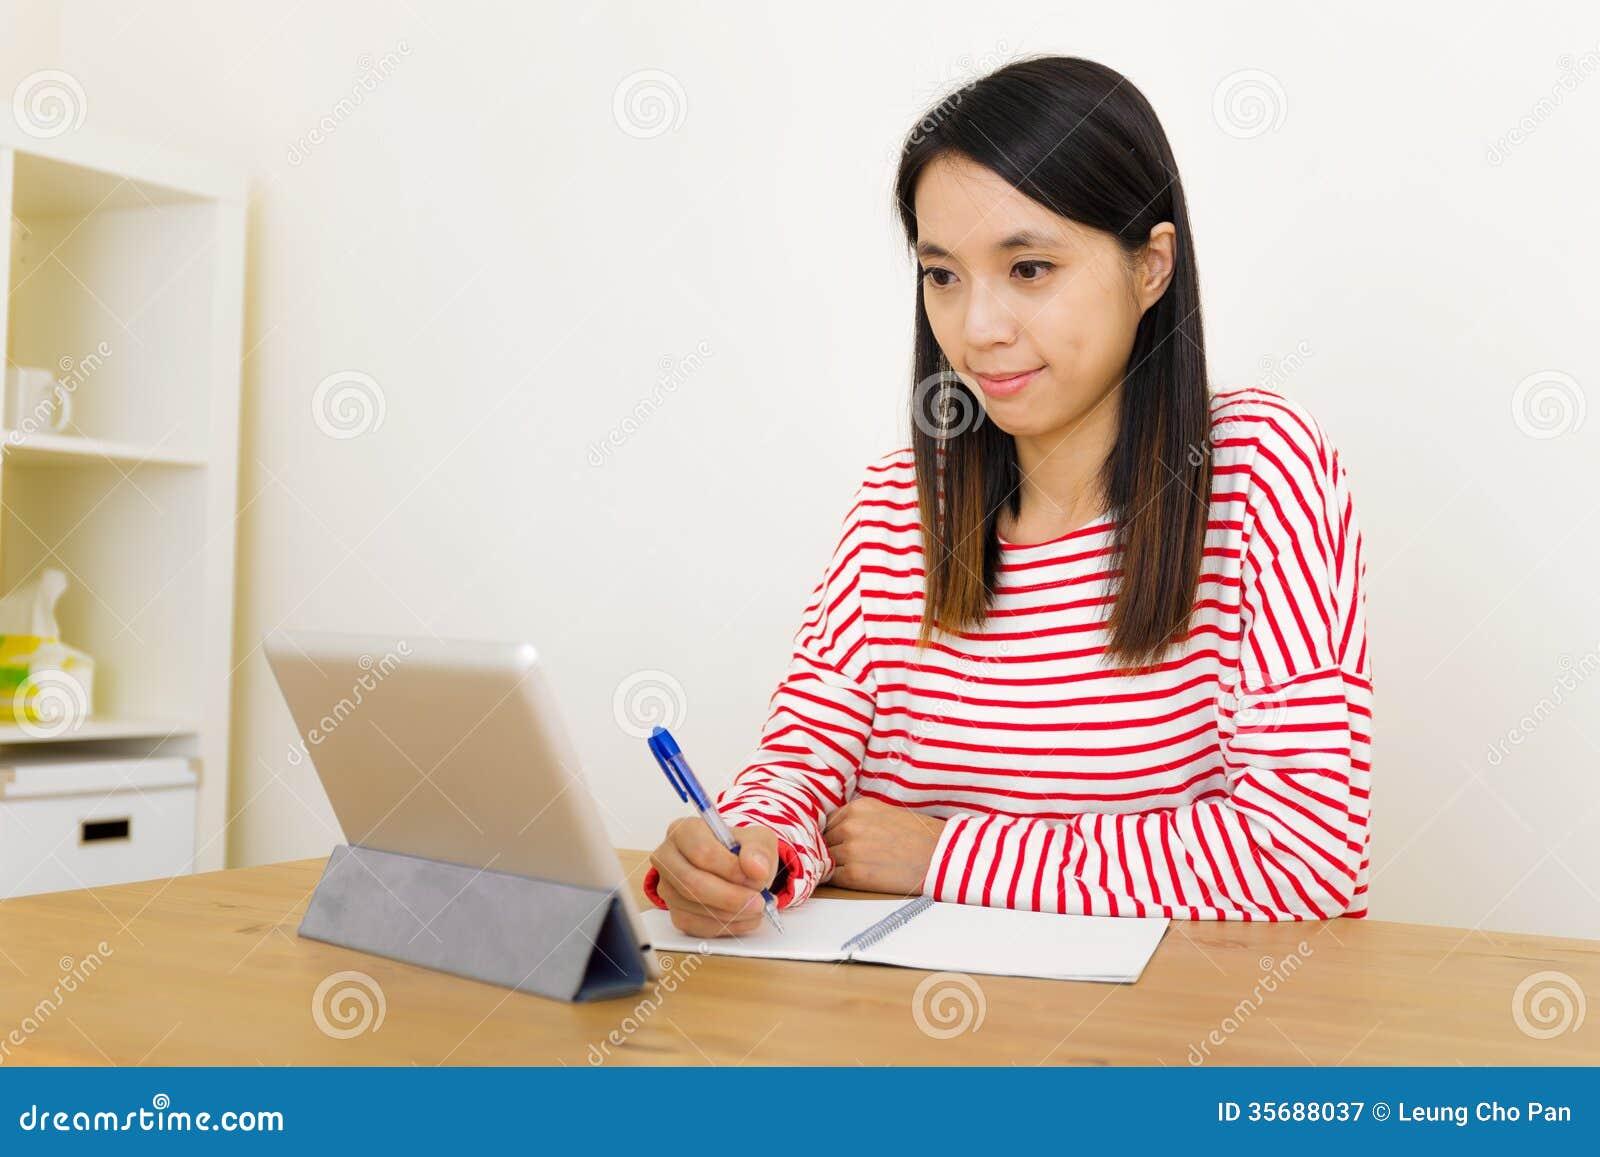 Asian Woman Learn 79